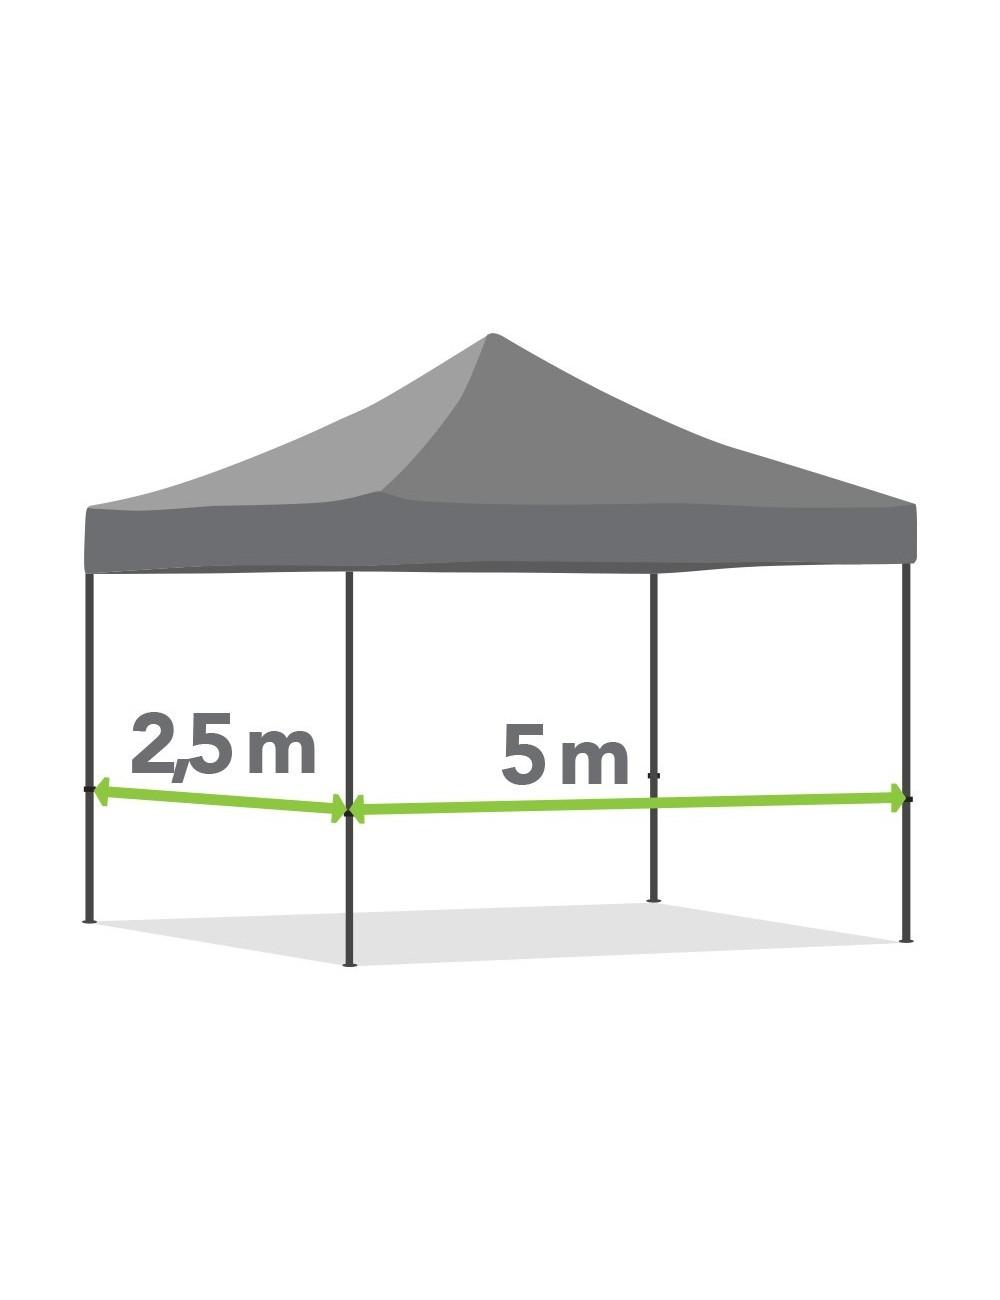 Tonnelle pliante de 2,5m x 5m